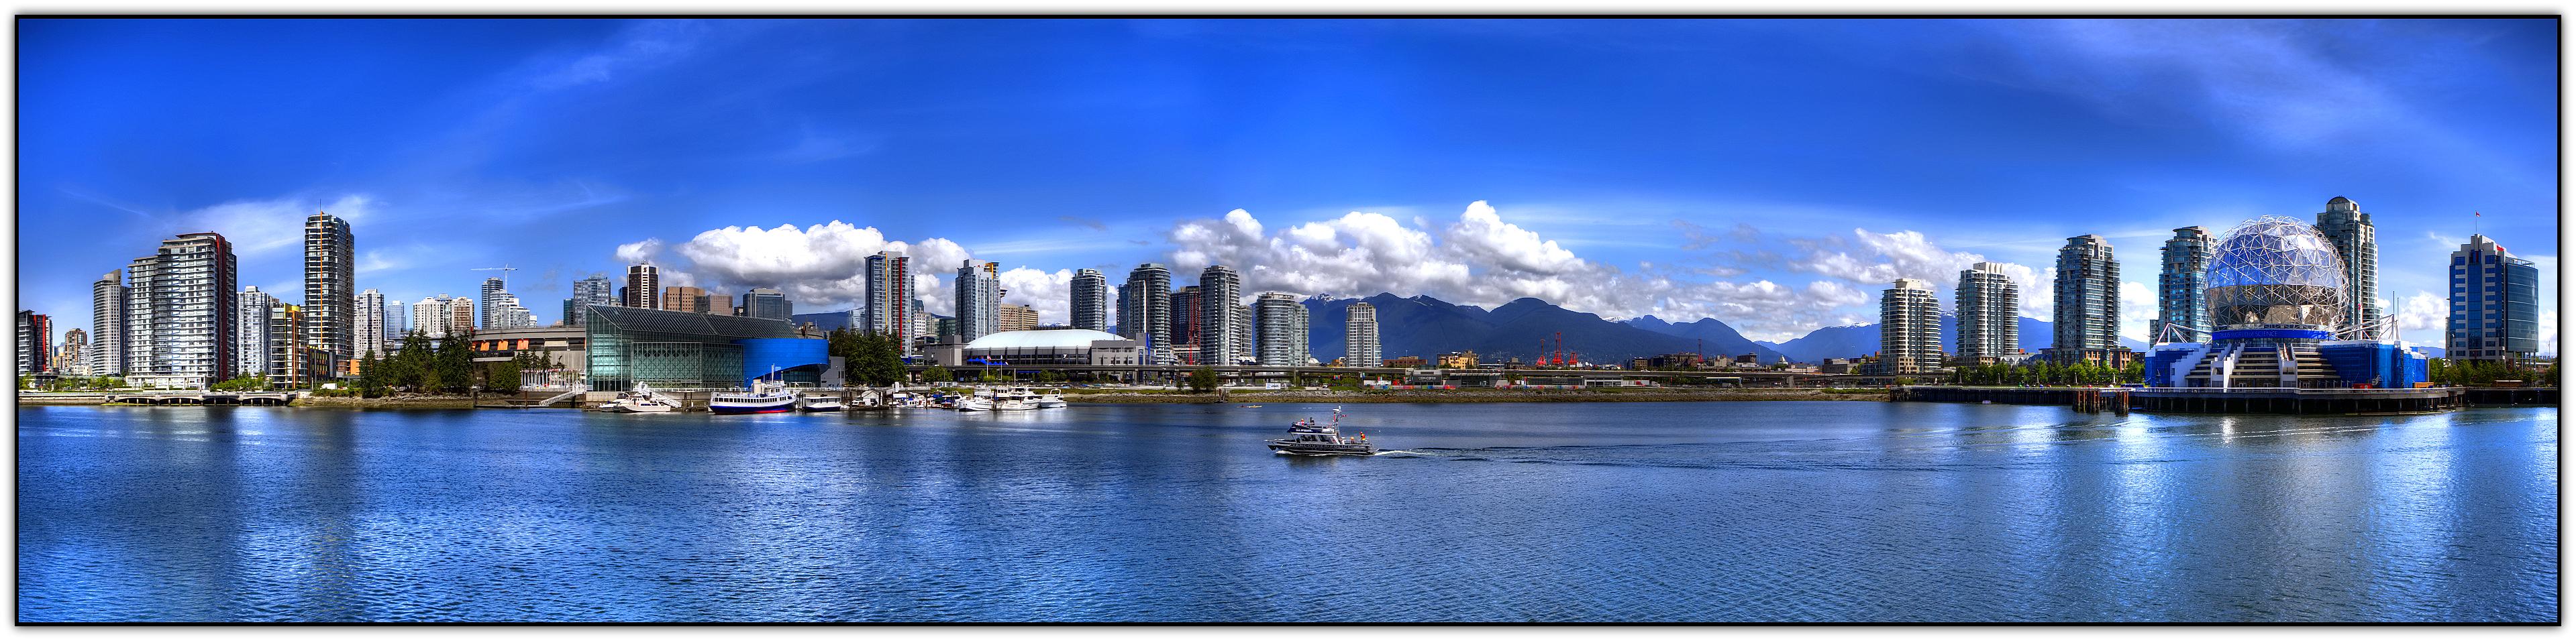 vancouver skyline panoramic